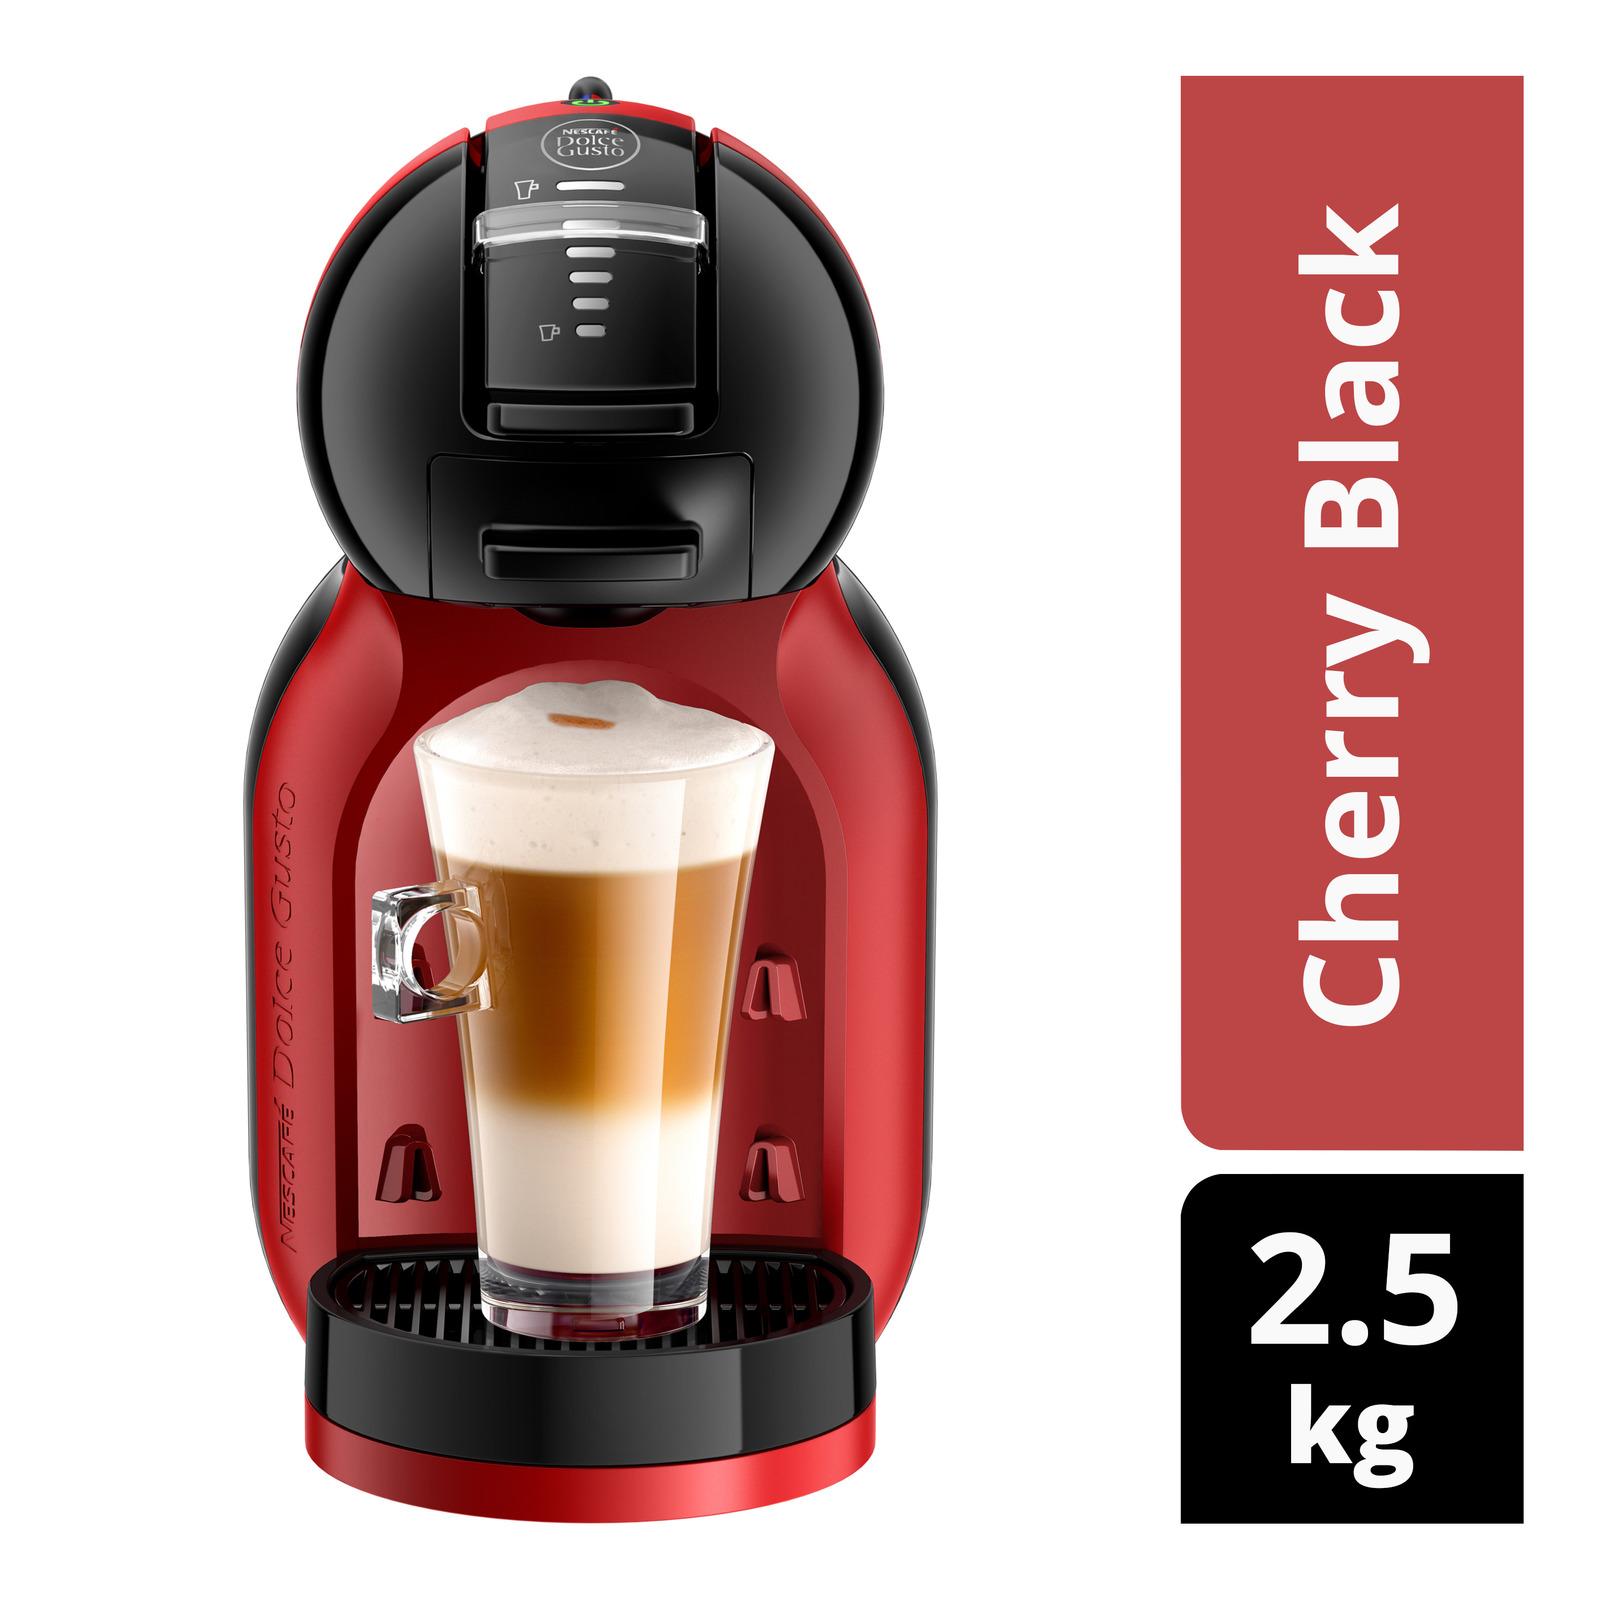 Nescafe Dolce Gusto Mini Me Coffee Machine - Cherry Black